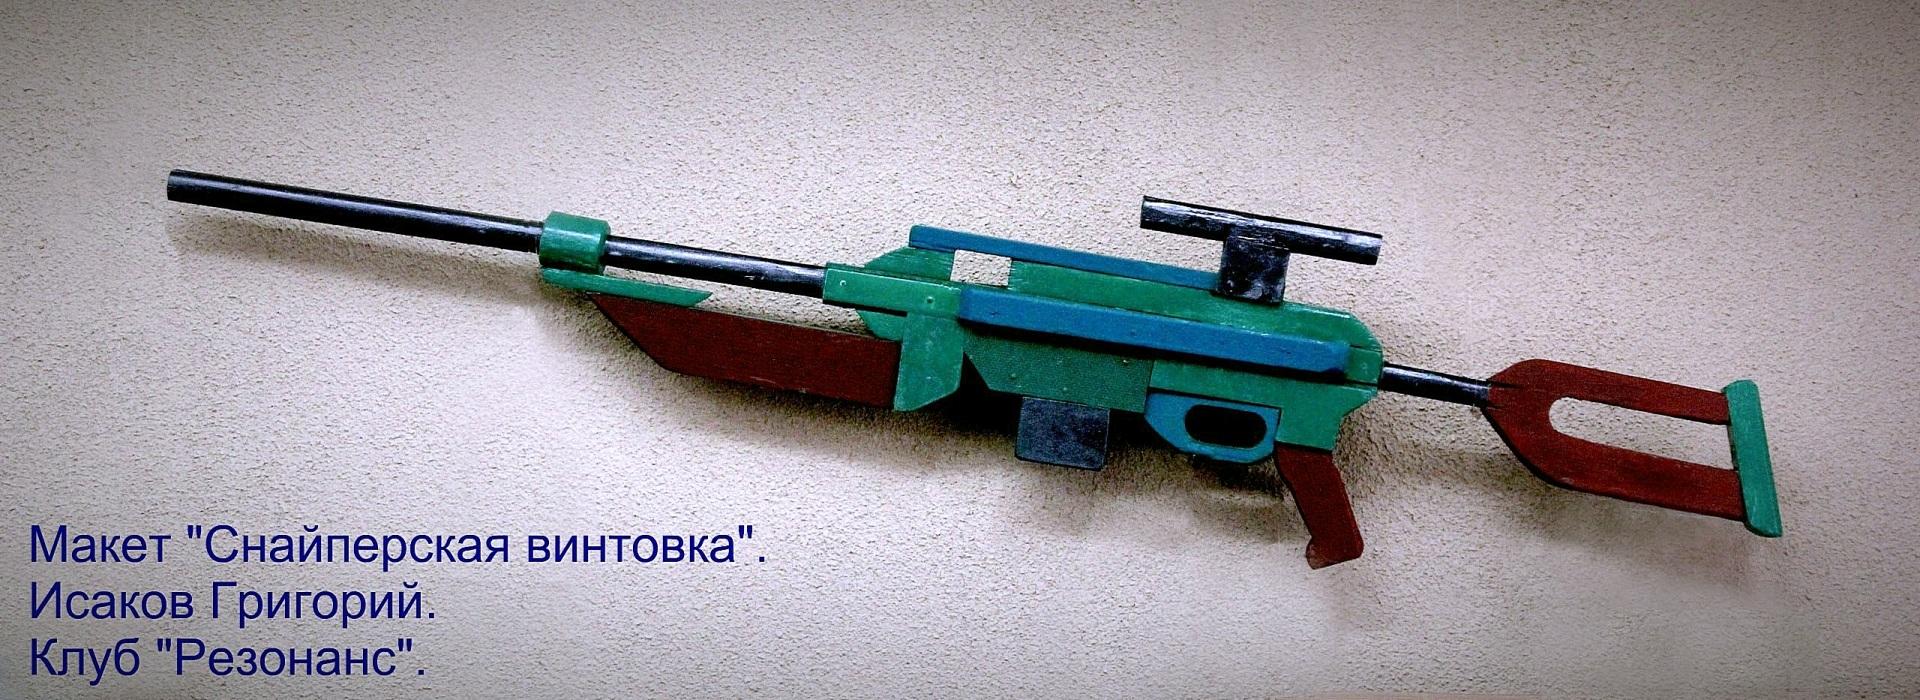 Snaiperskaya-vintovka-Isakov-Grischa.jpg